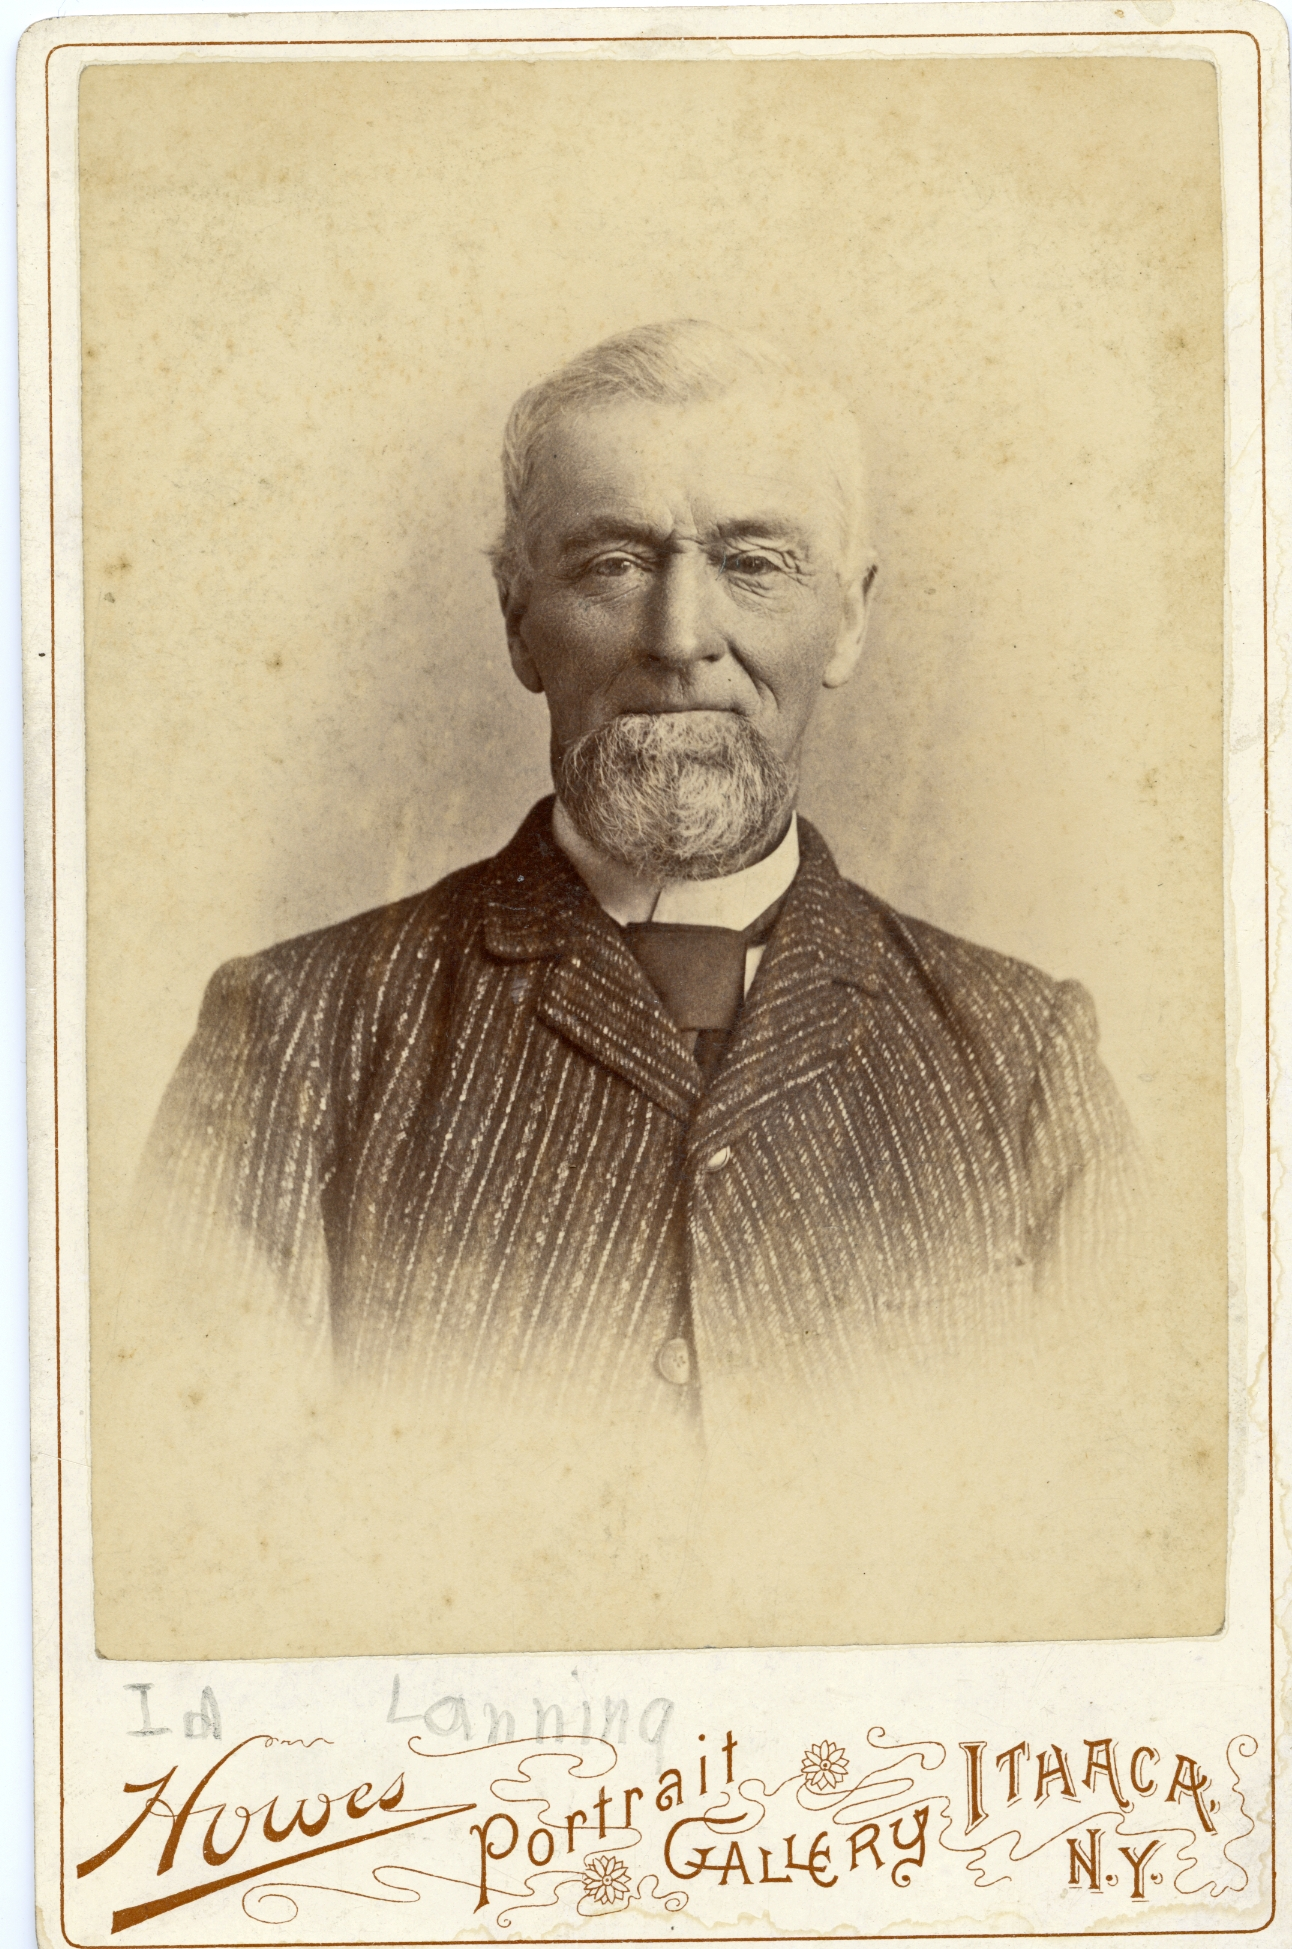 Joseph Iradell Lanning